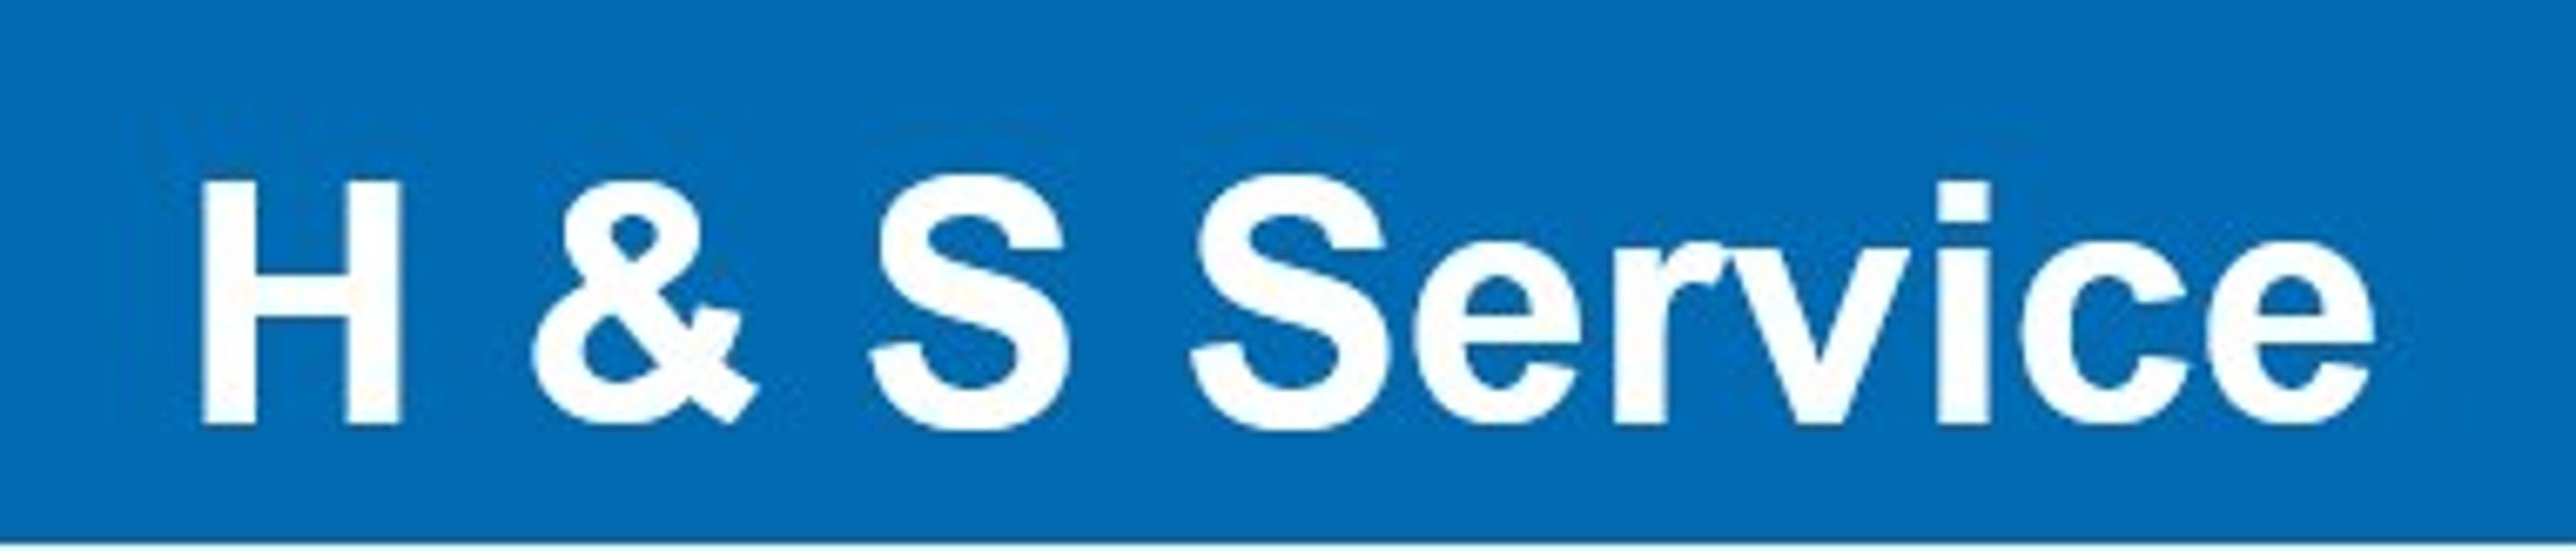 Bild zu H & S Service Inh. Thomas Schorsch in Frechen